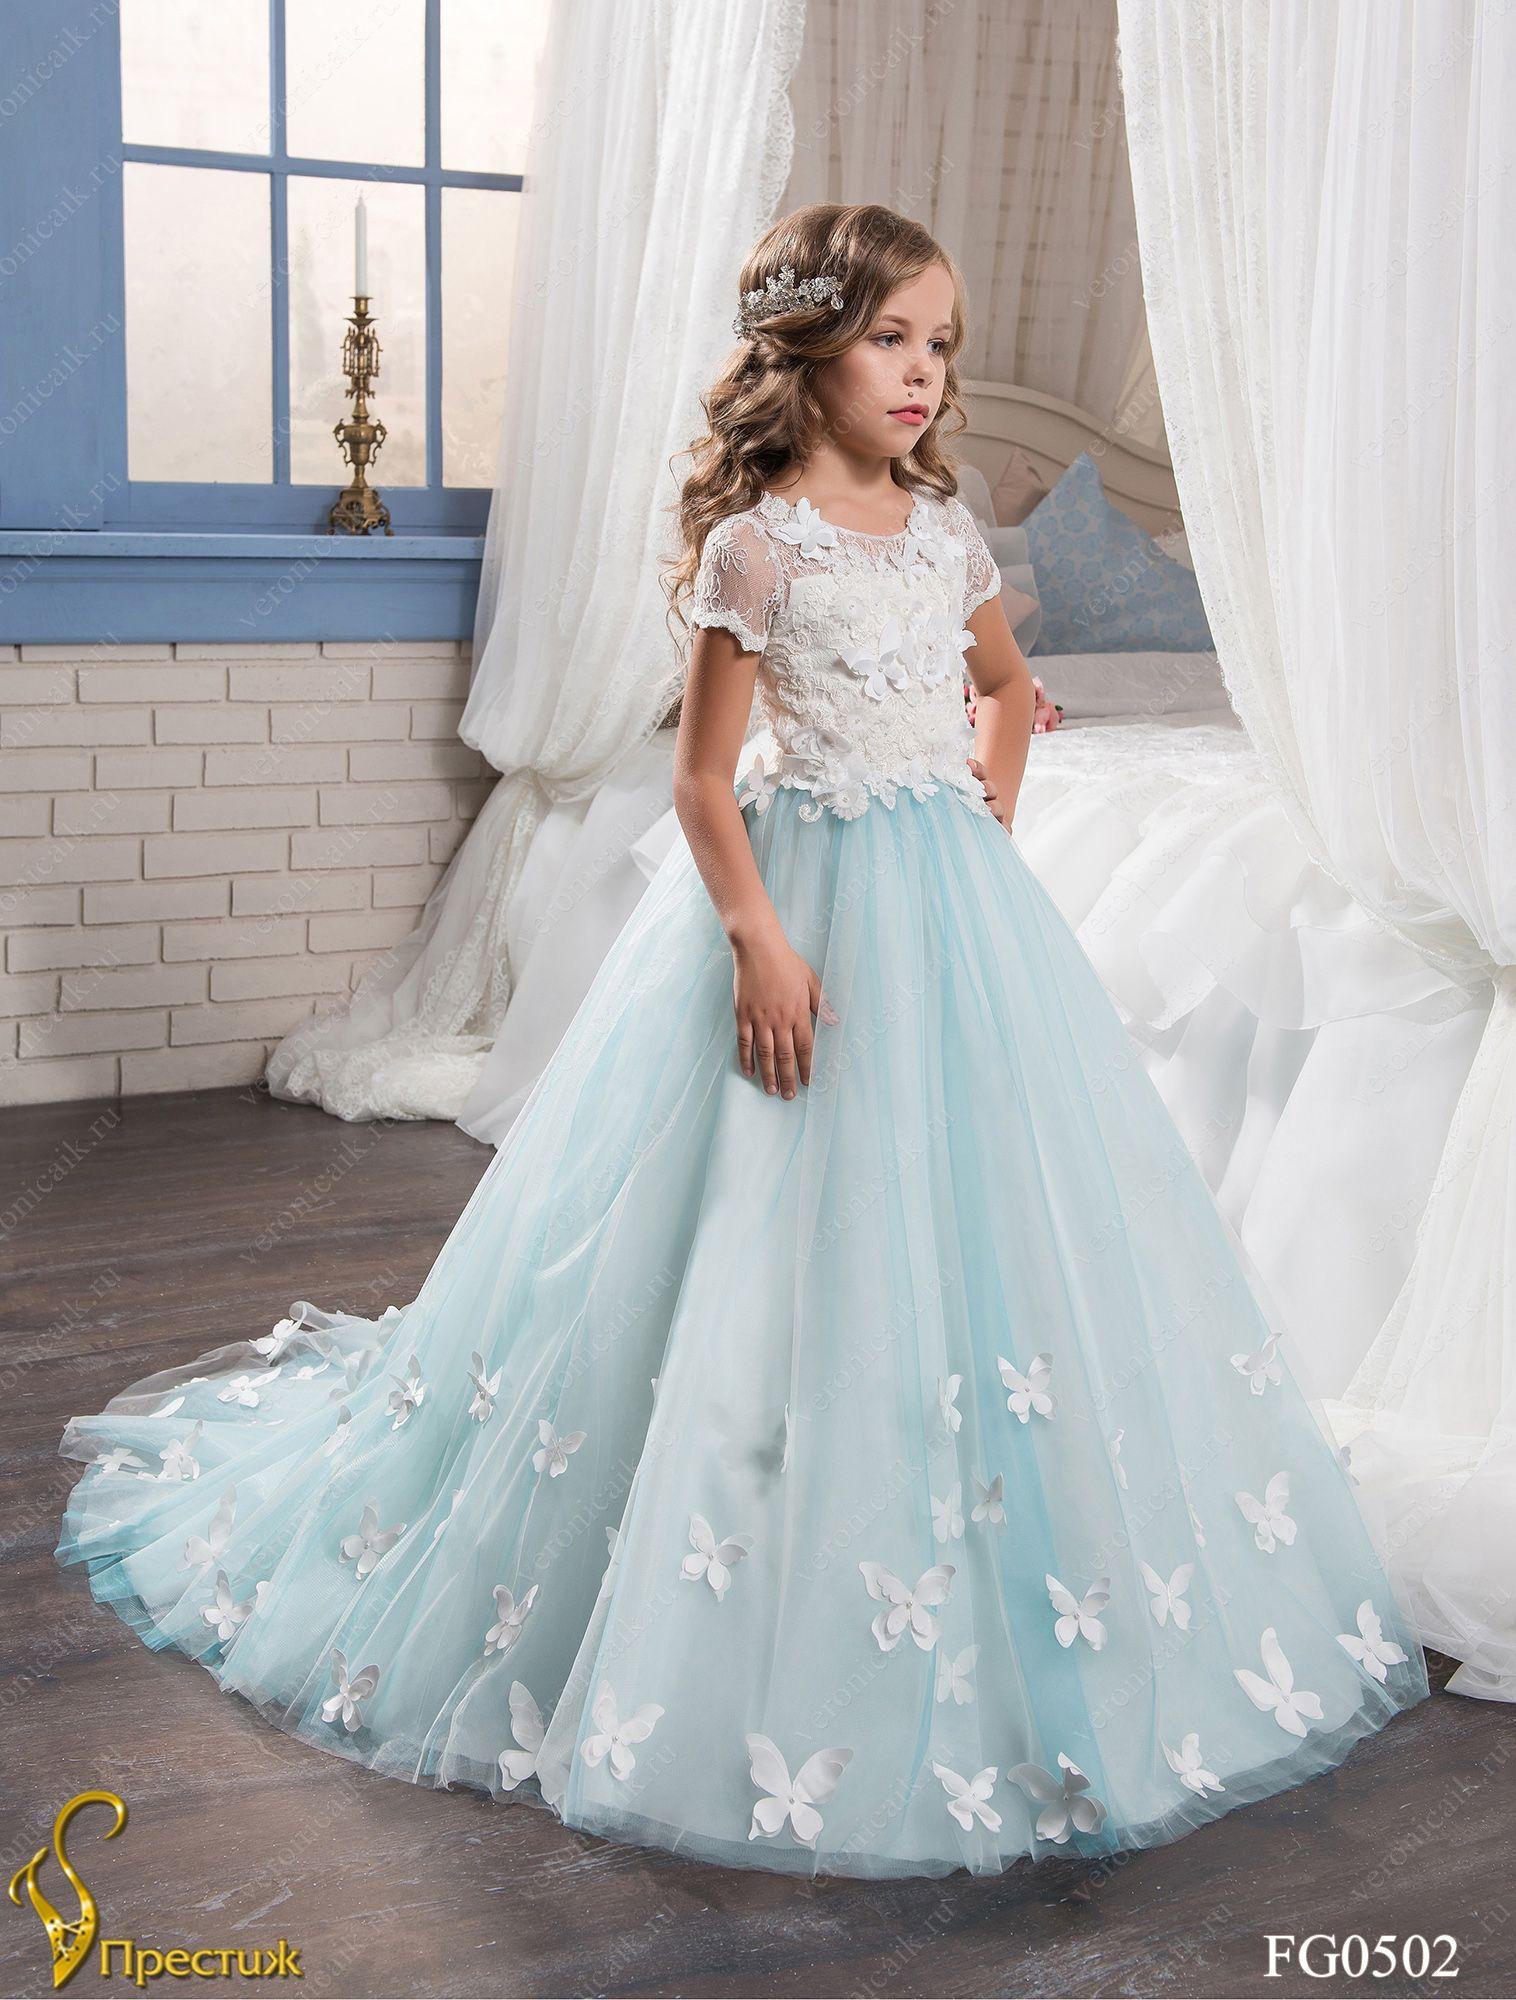 Платье детское FG0502 | платья на выпускной | Pinterest | Winter wonder